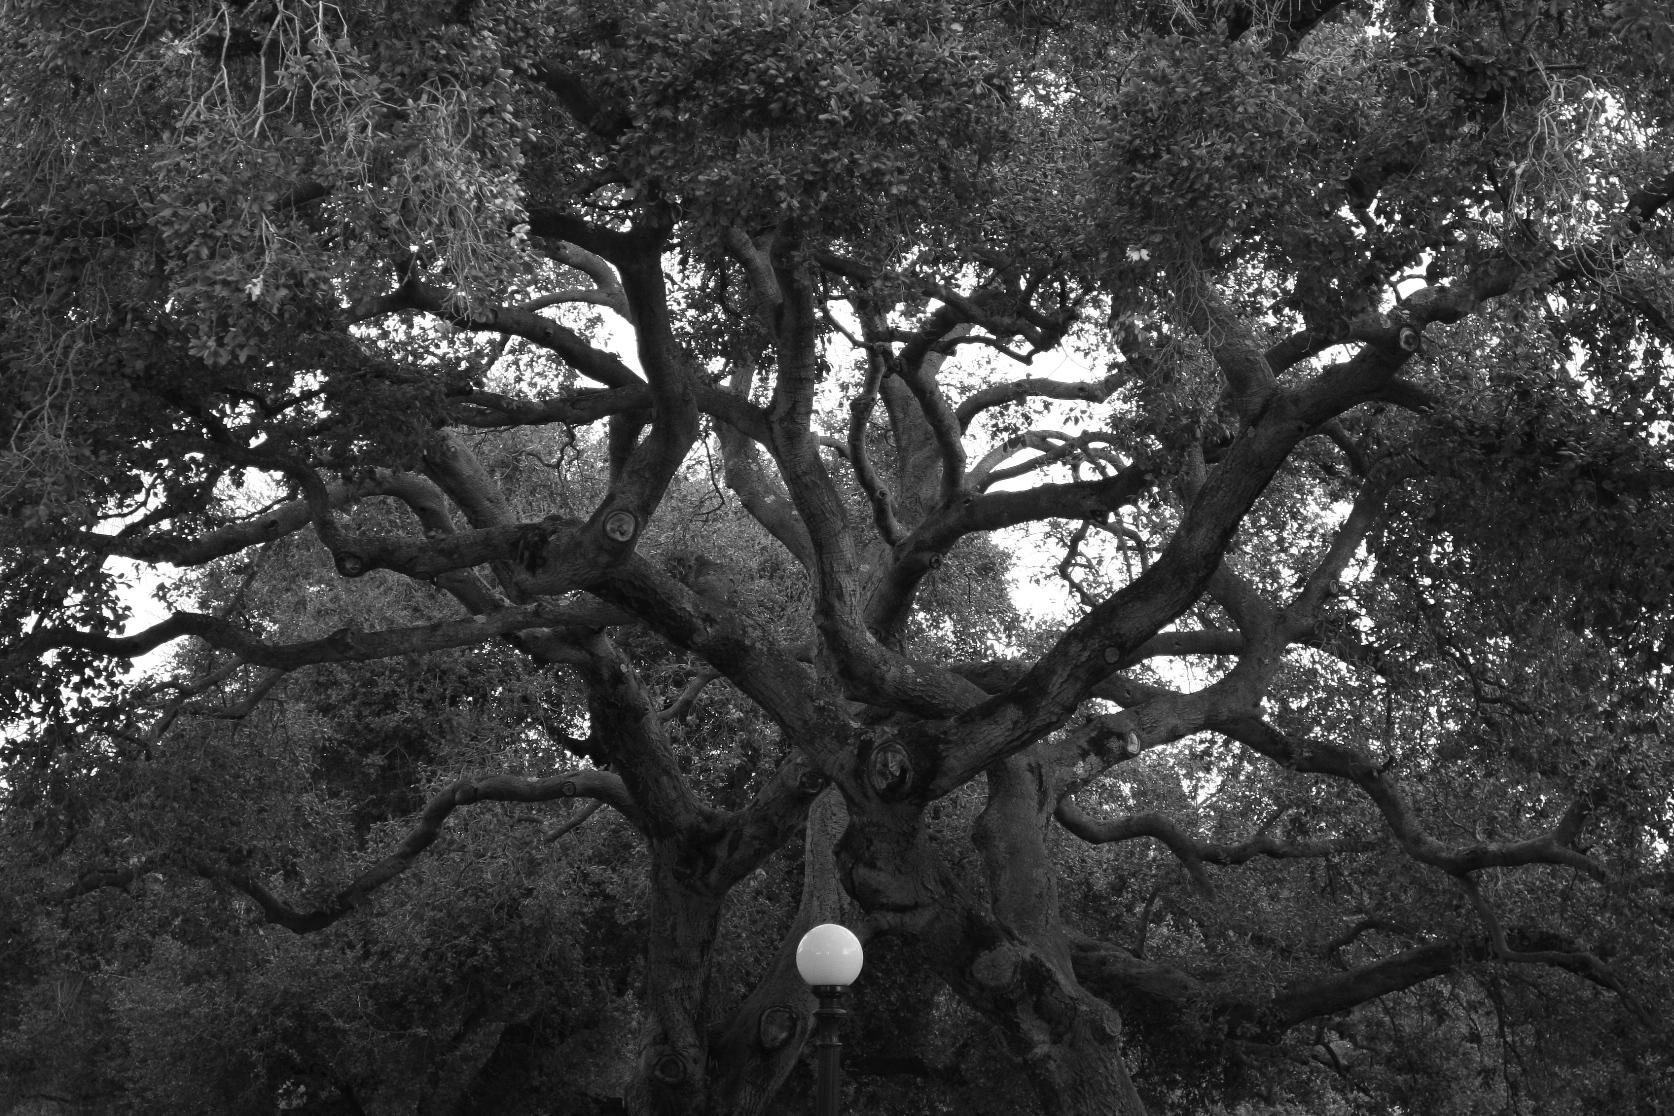 עץ סבוך (צילום: חגי ידידיה)